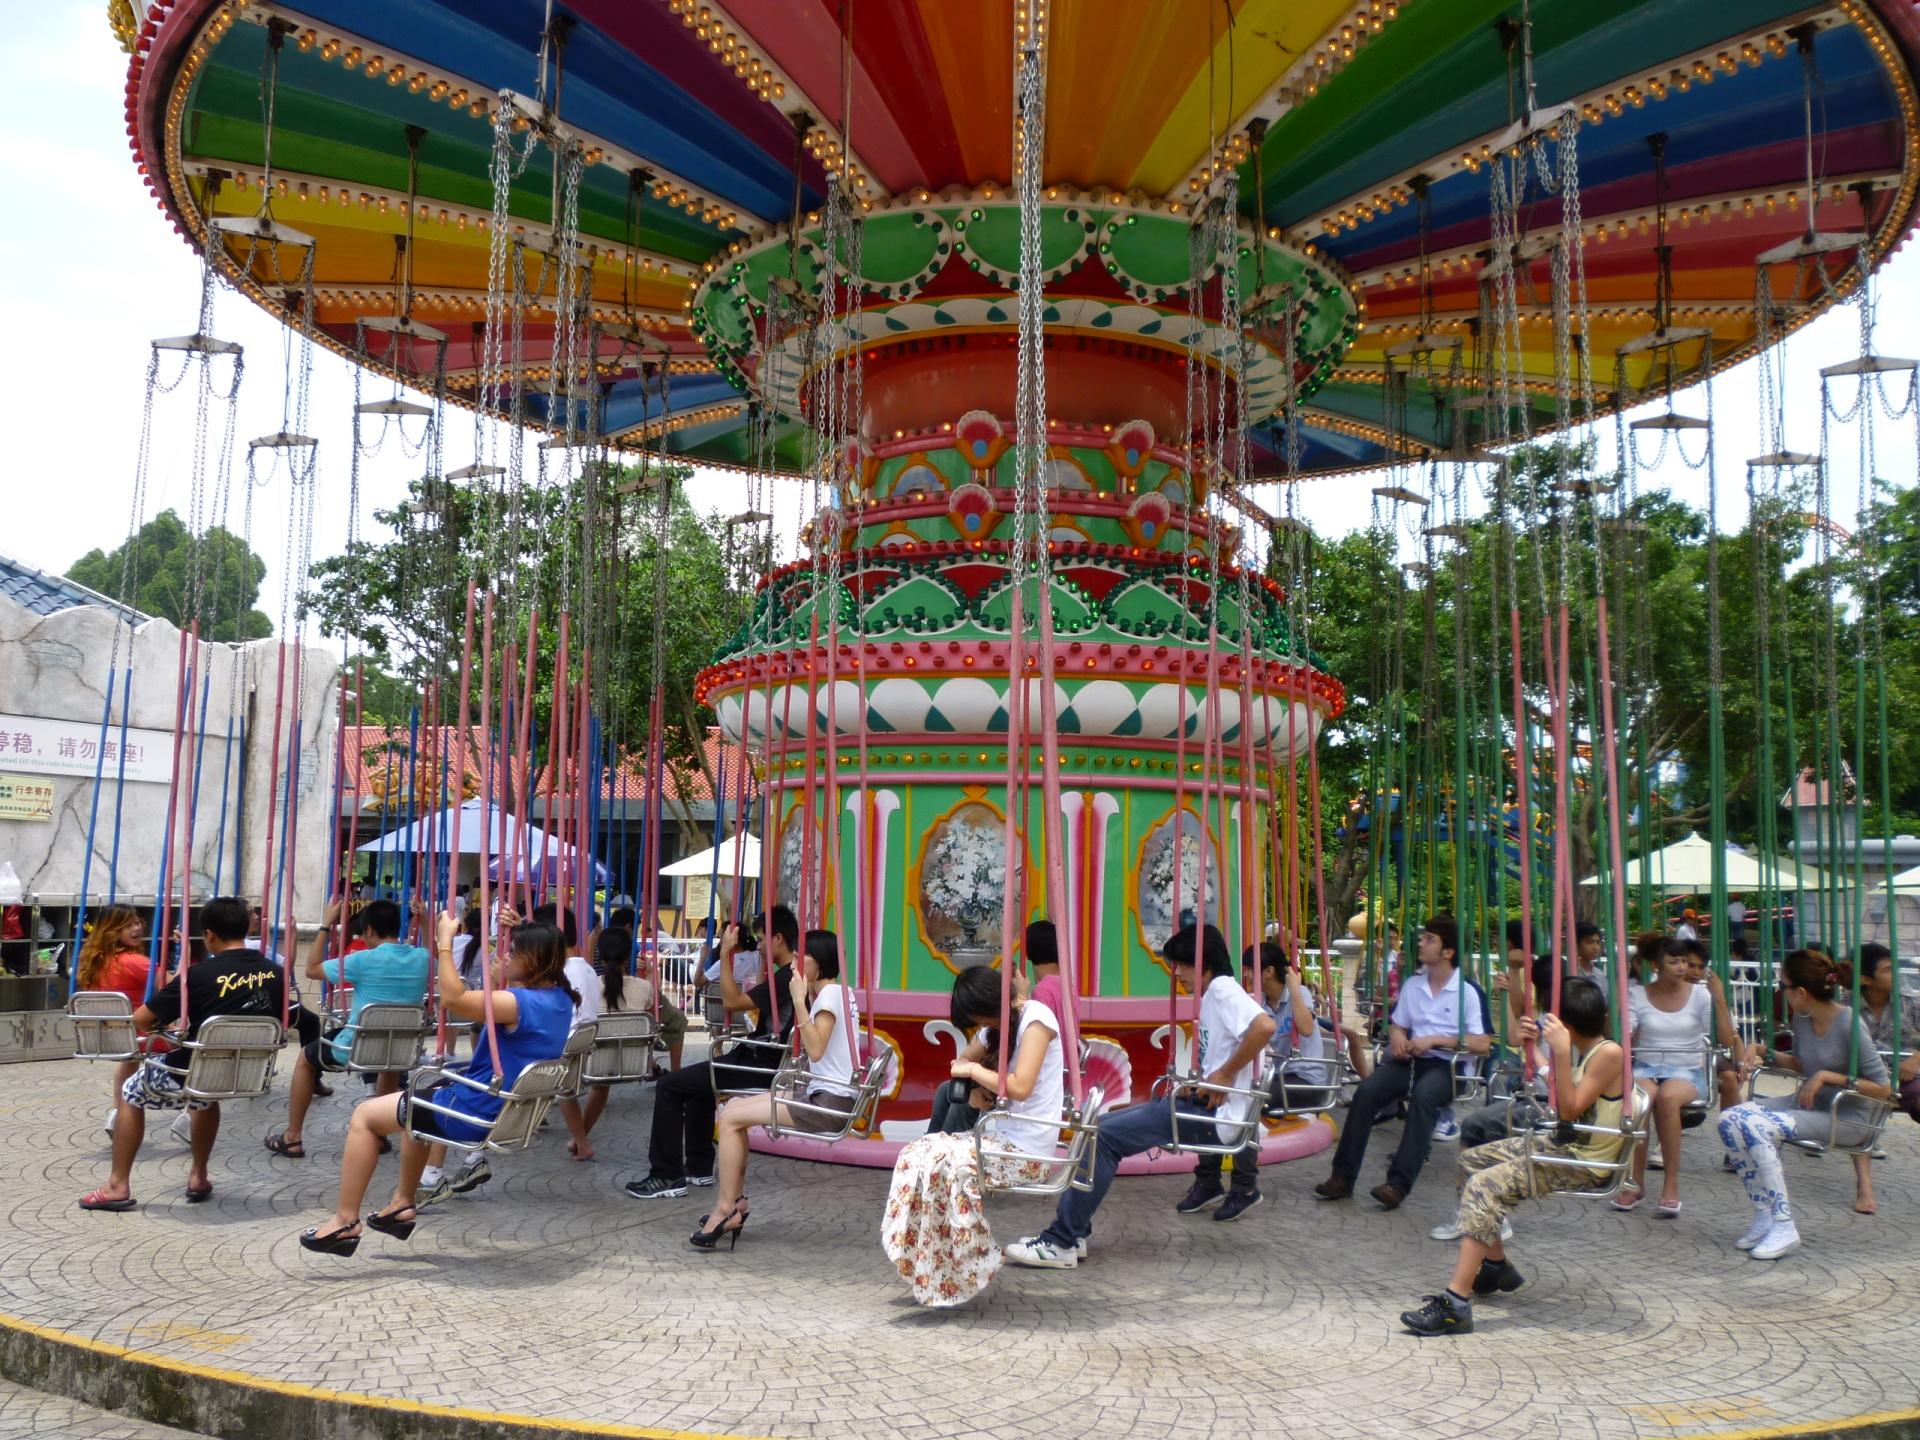 供应游乐场24座豪华飞椅 公园户外大型游乐项目飓风飞椅大洋直销示例图6